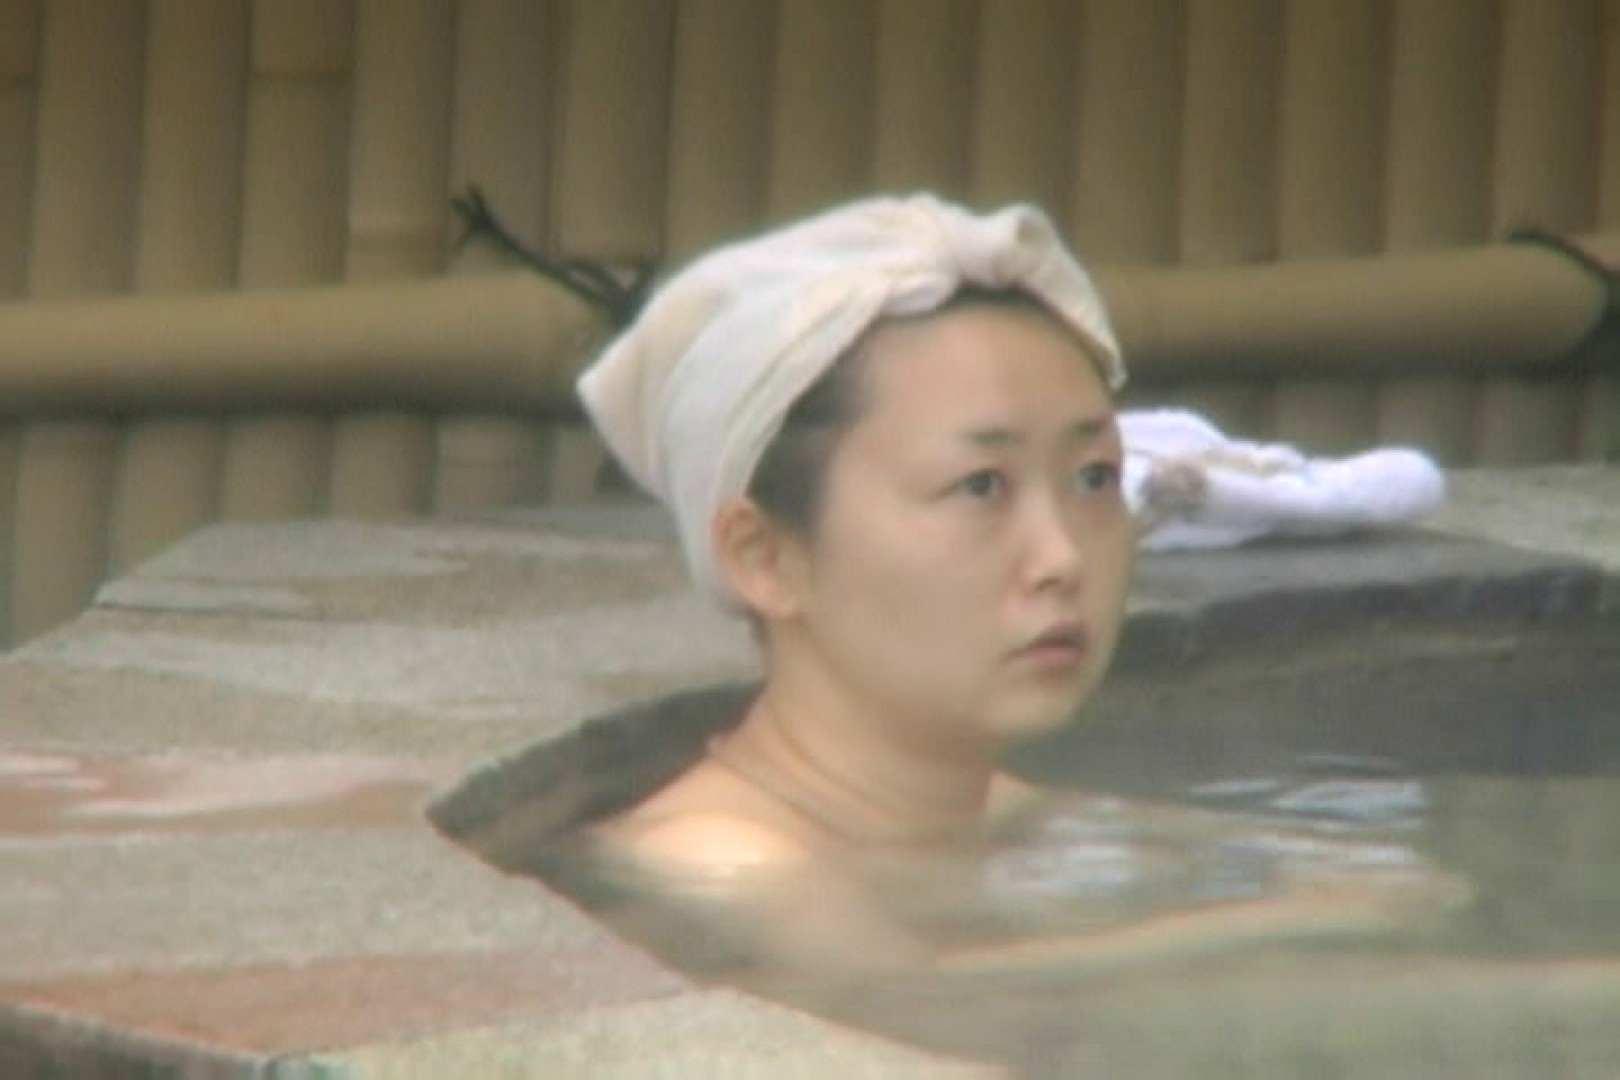 Aquaな露天風呂Vol.564 0   0  99pic 31